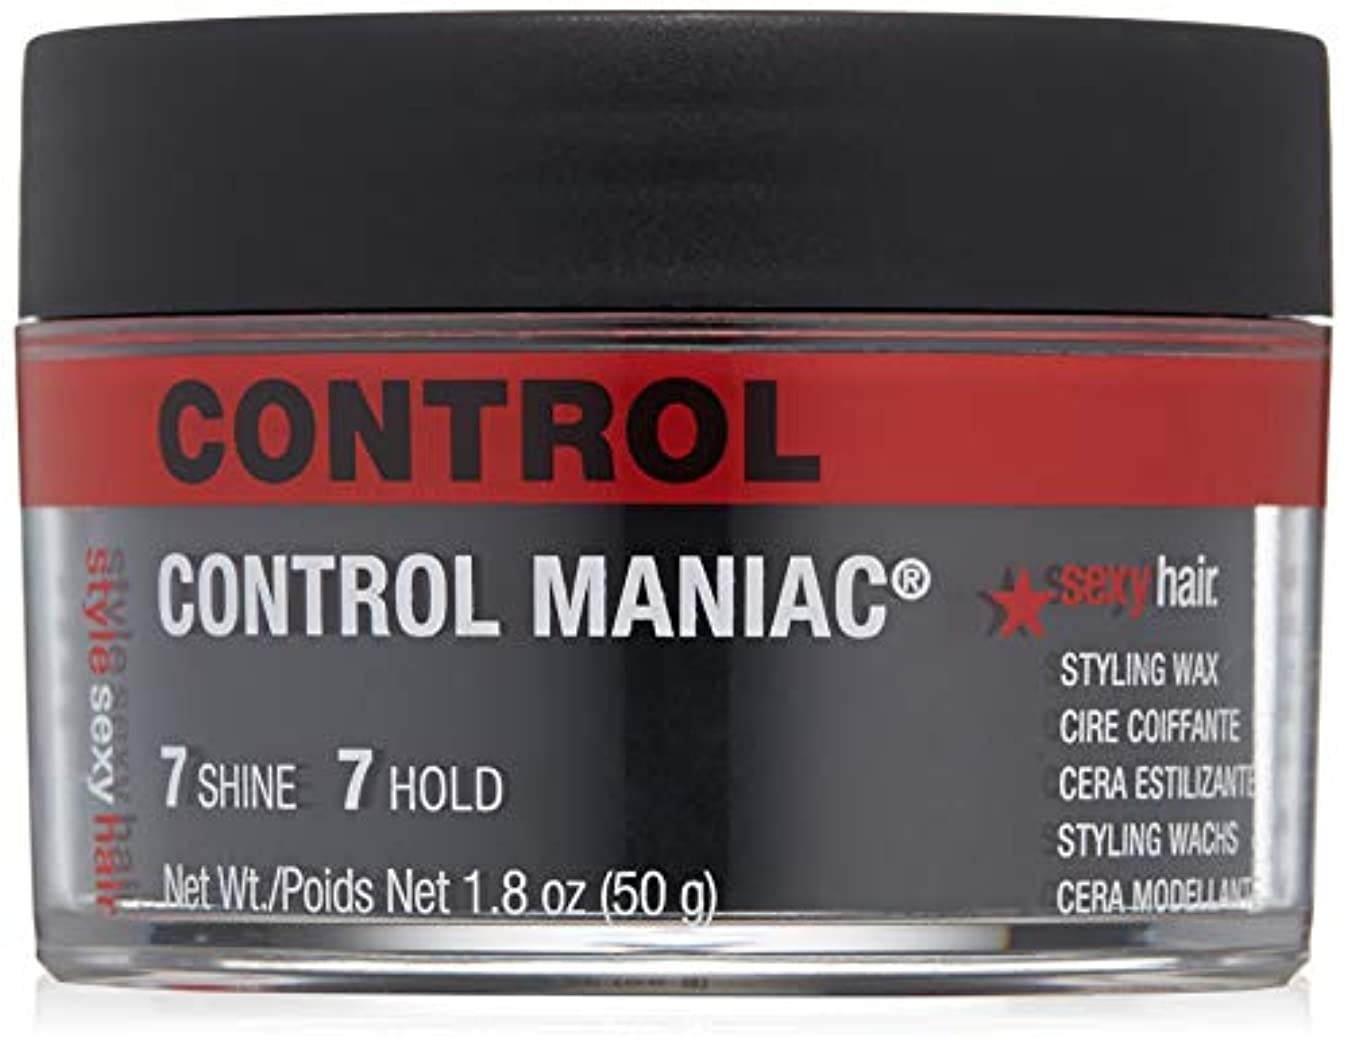 モンキー専門化する生まれセクシーヘアコンセプト - スタイル ワックス コントロール マニアック スタイリング ワックス - 50g/1.8oz